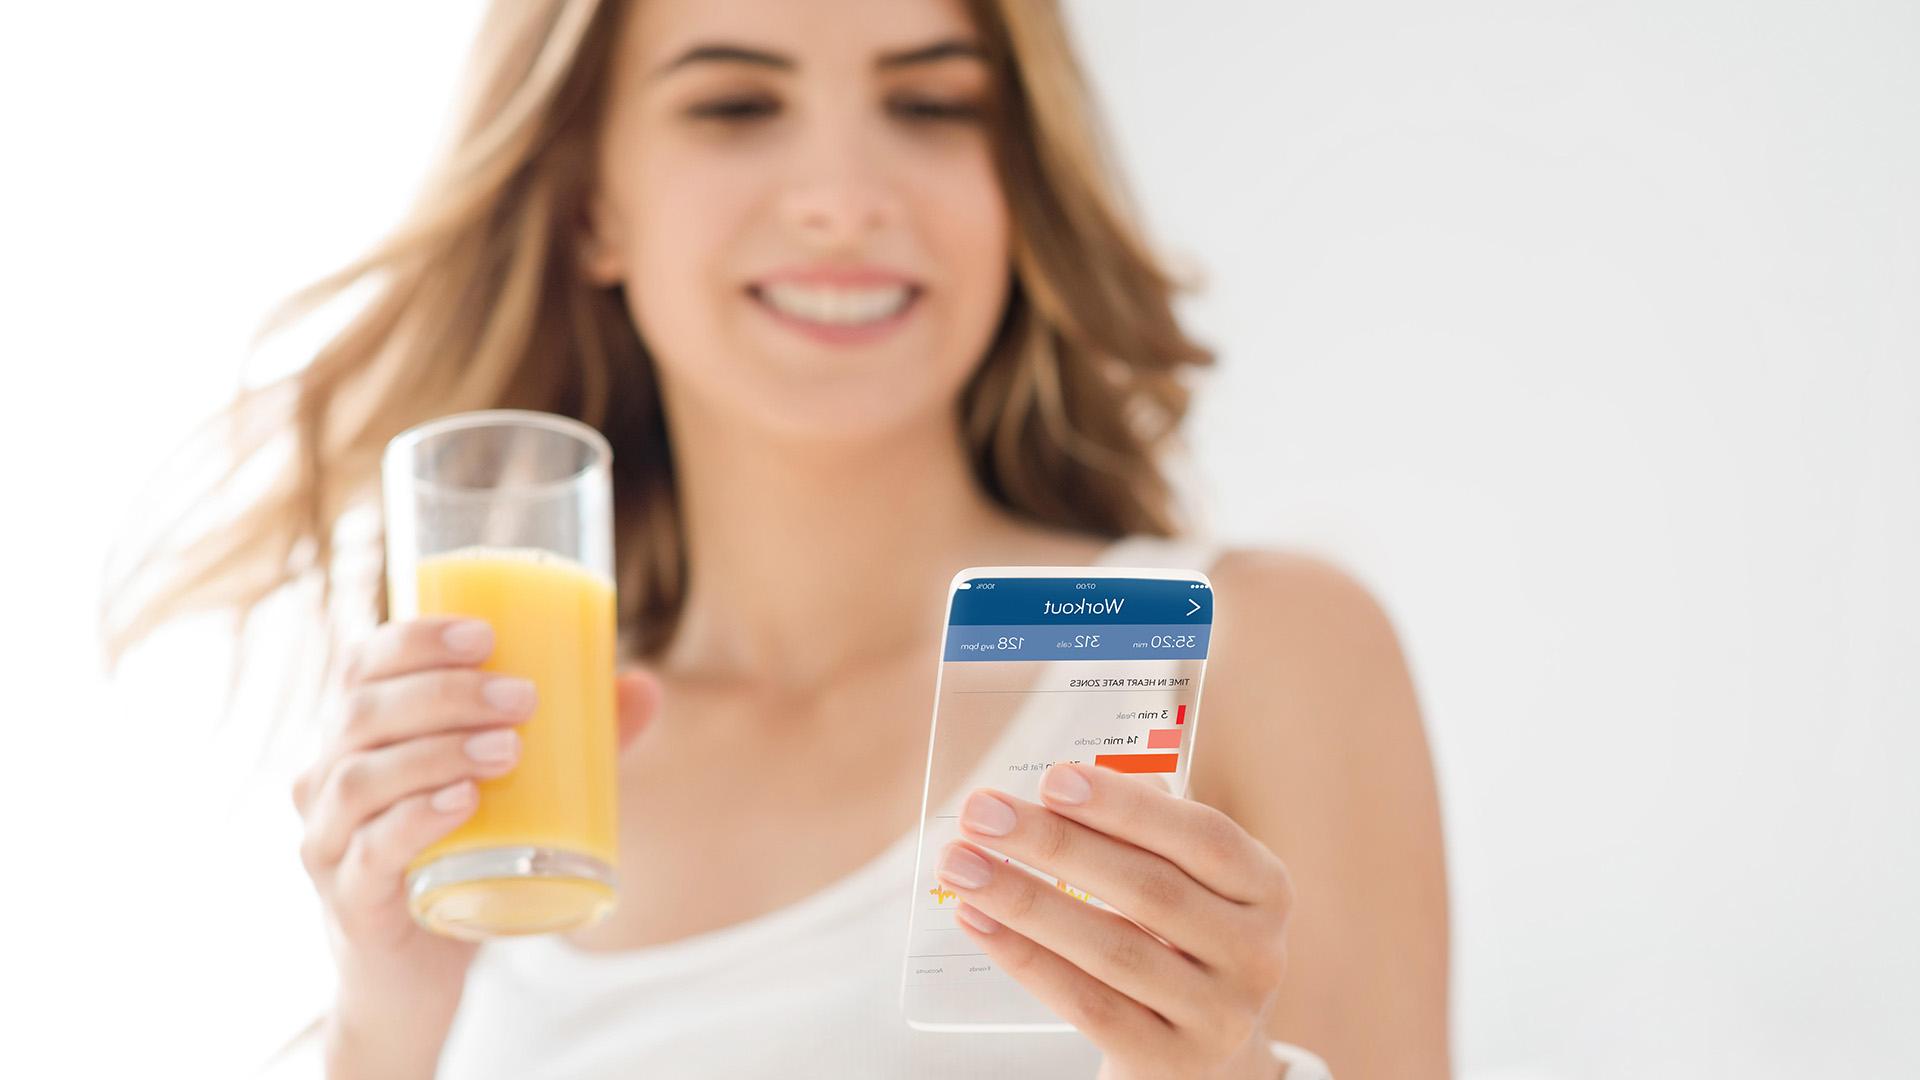 Tendencias-para-los-celulares-del-futuro-Tech